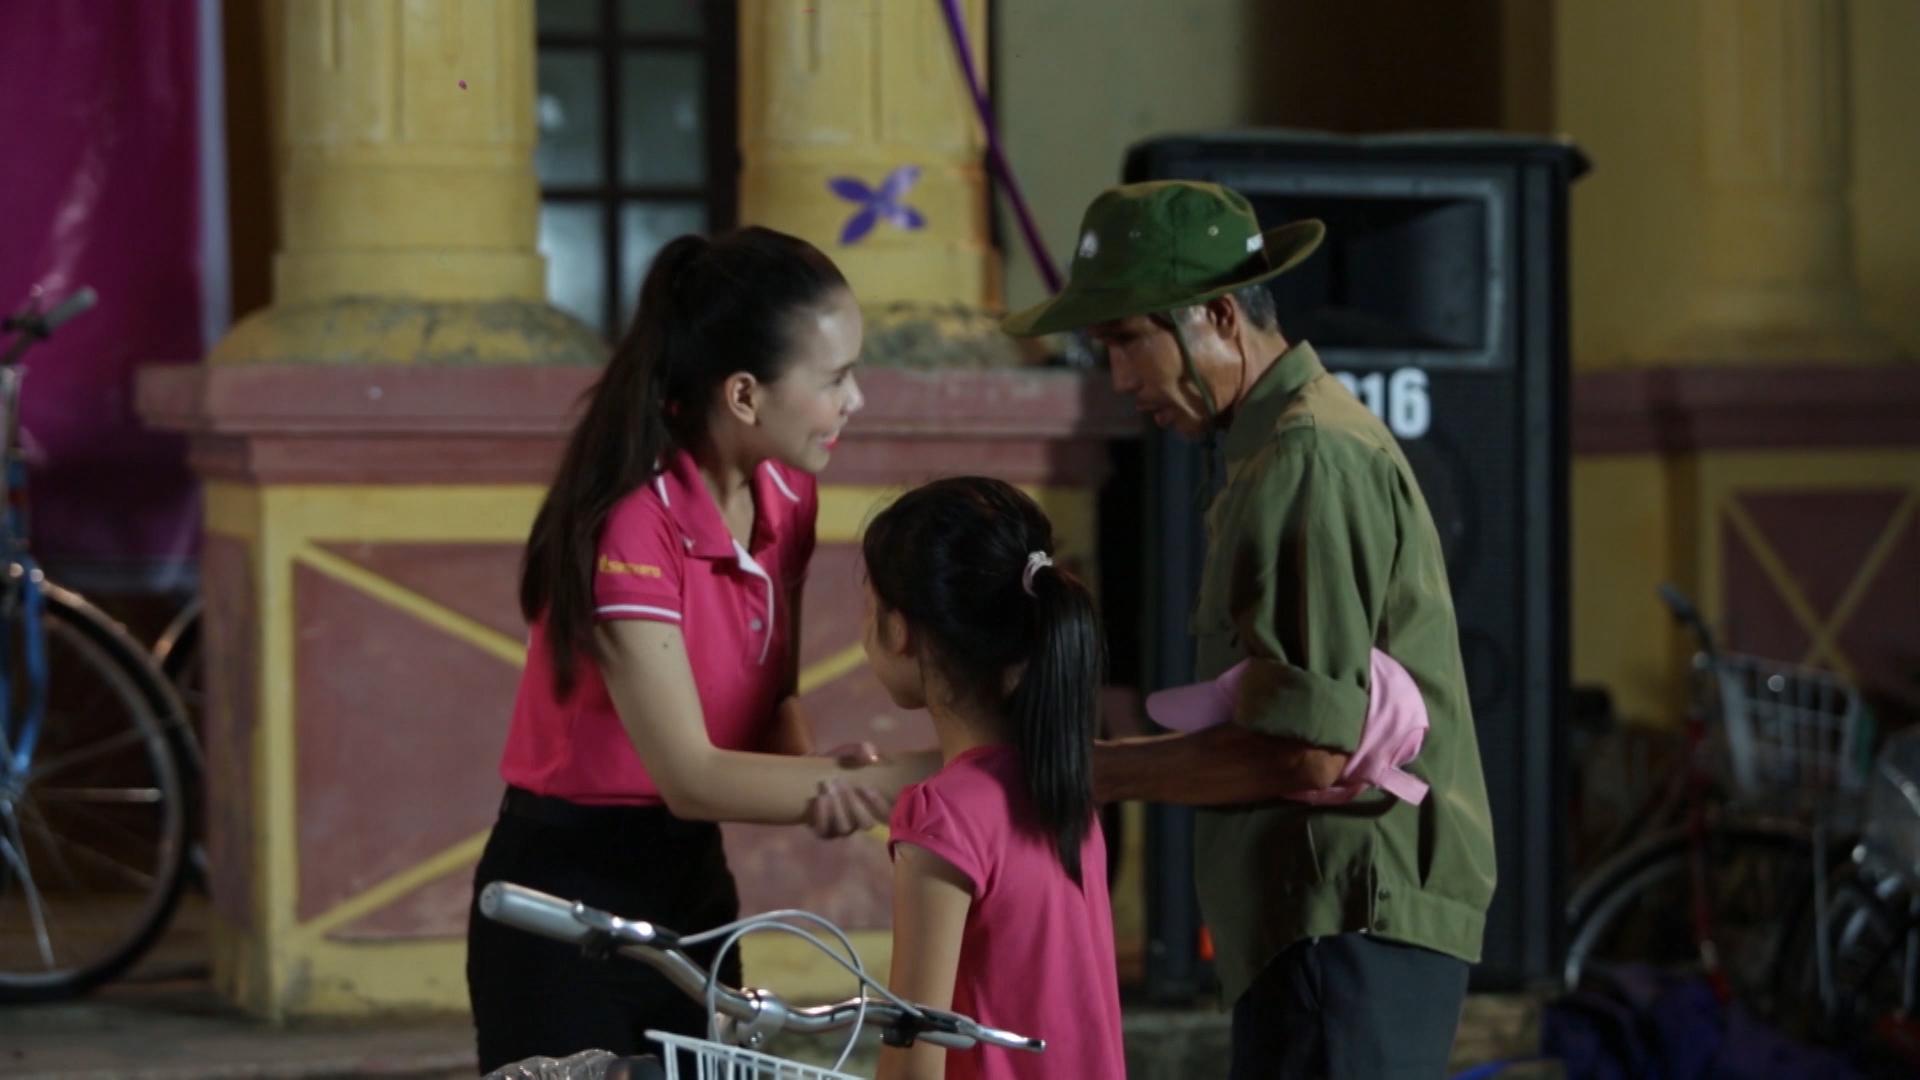 Trinh Phuong Trang (28)